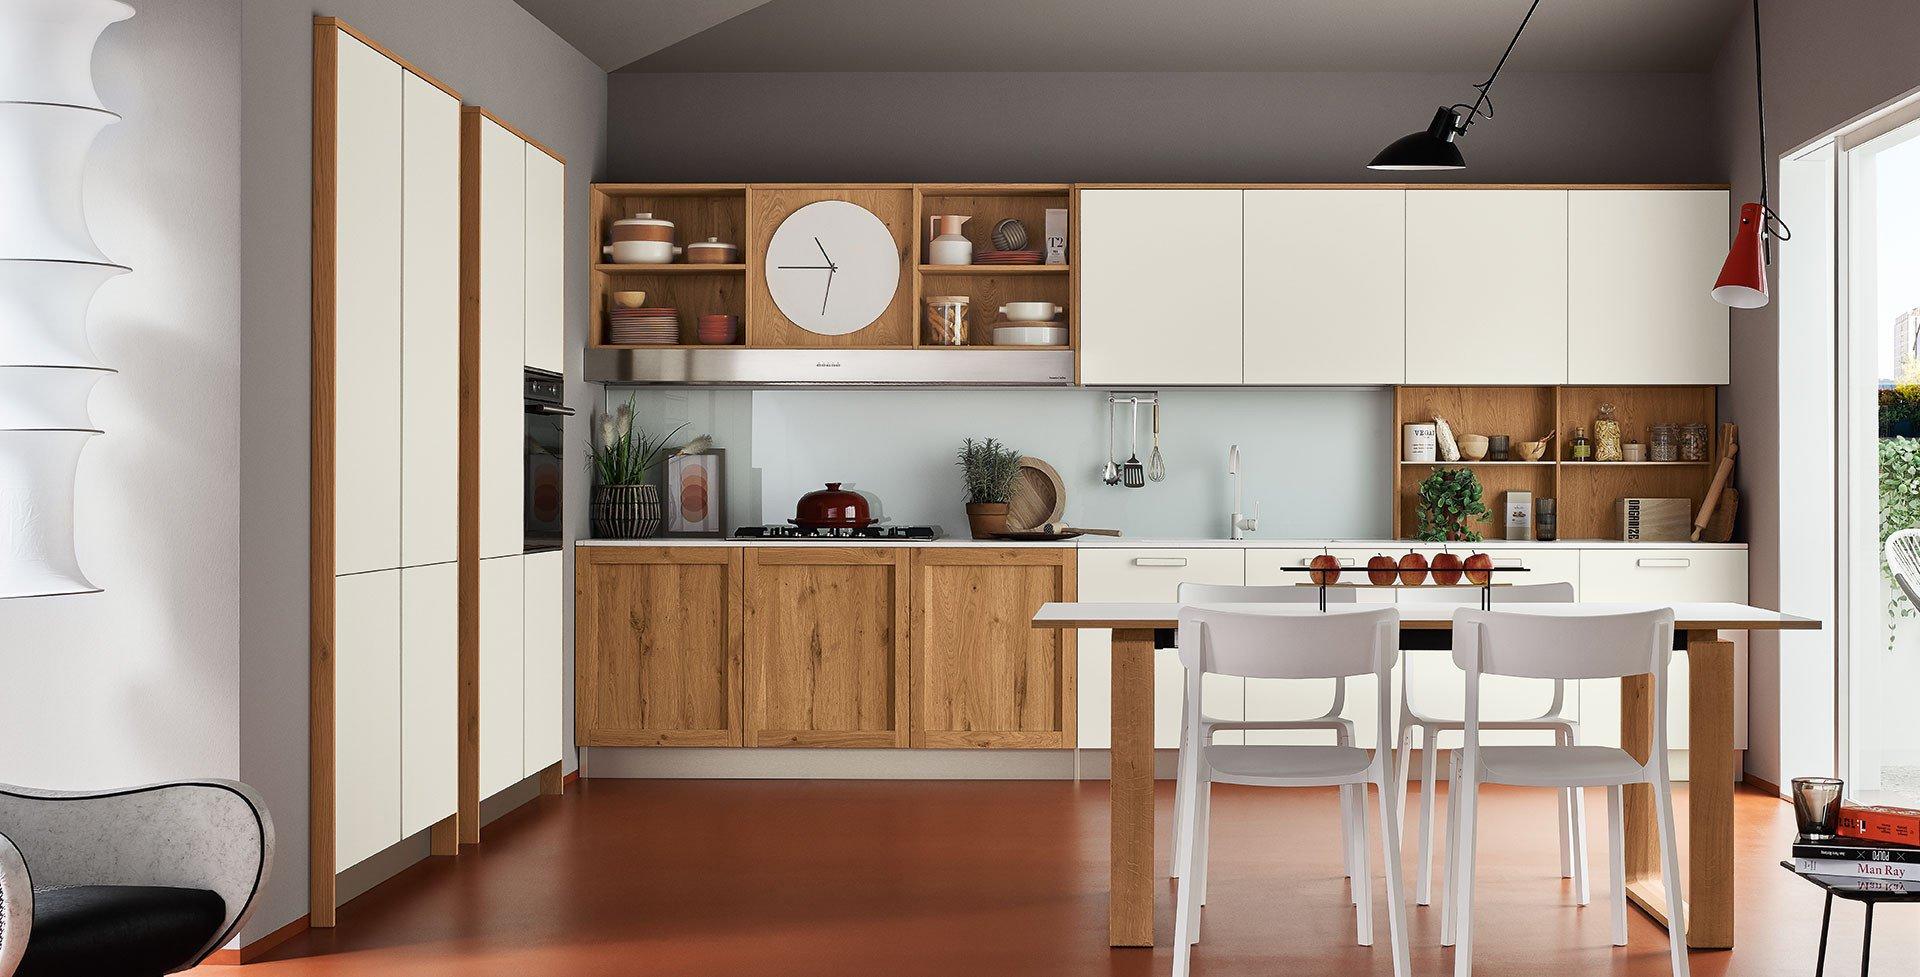 Veneta cucine 03 Milano – Bergamo Arredamenti